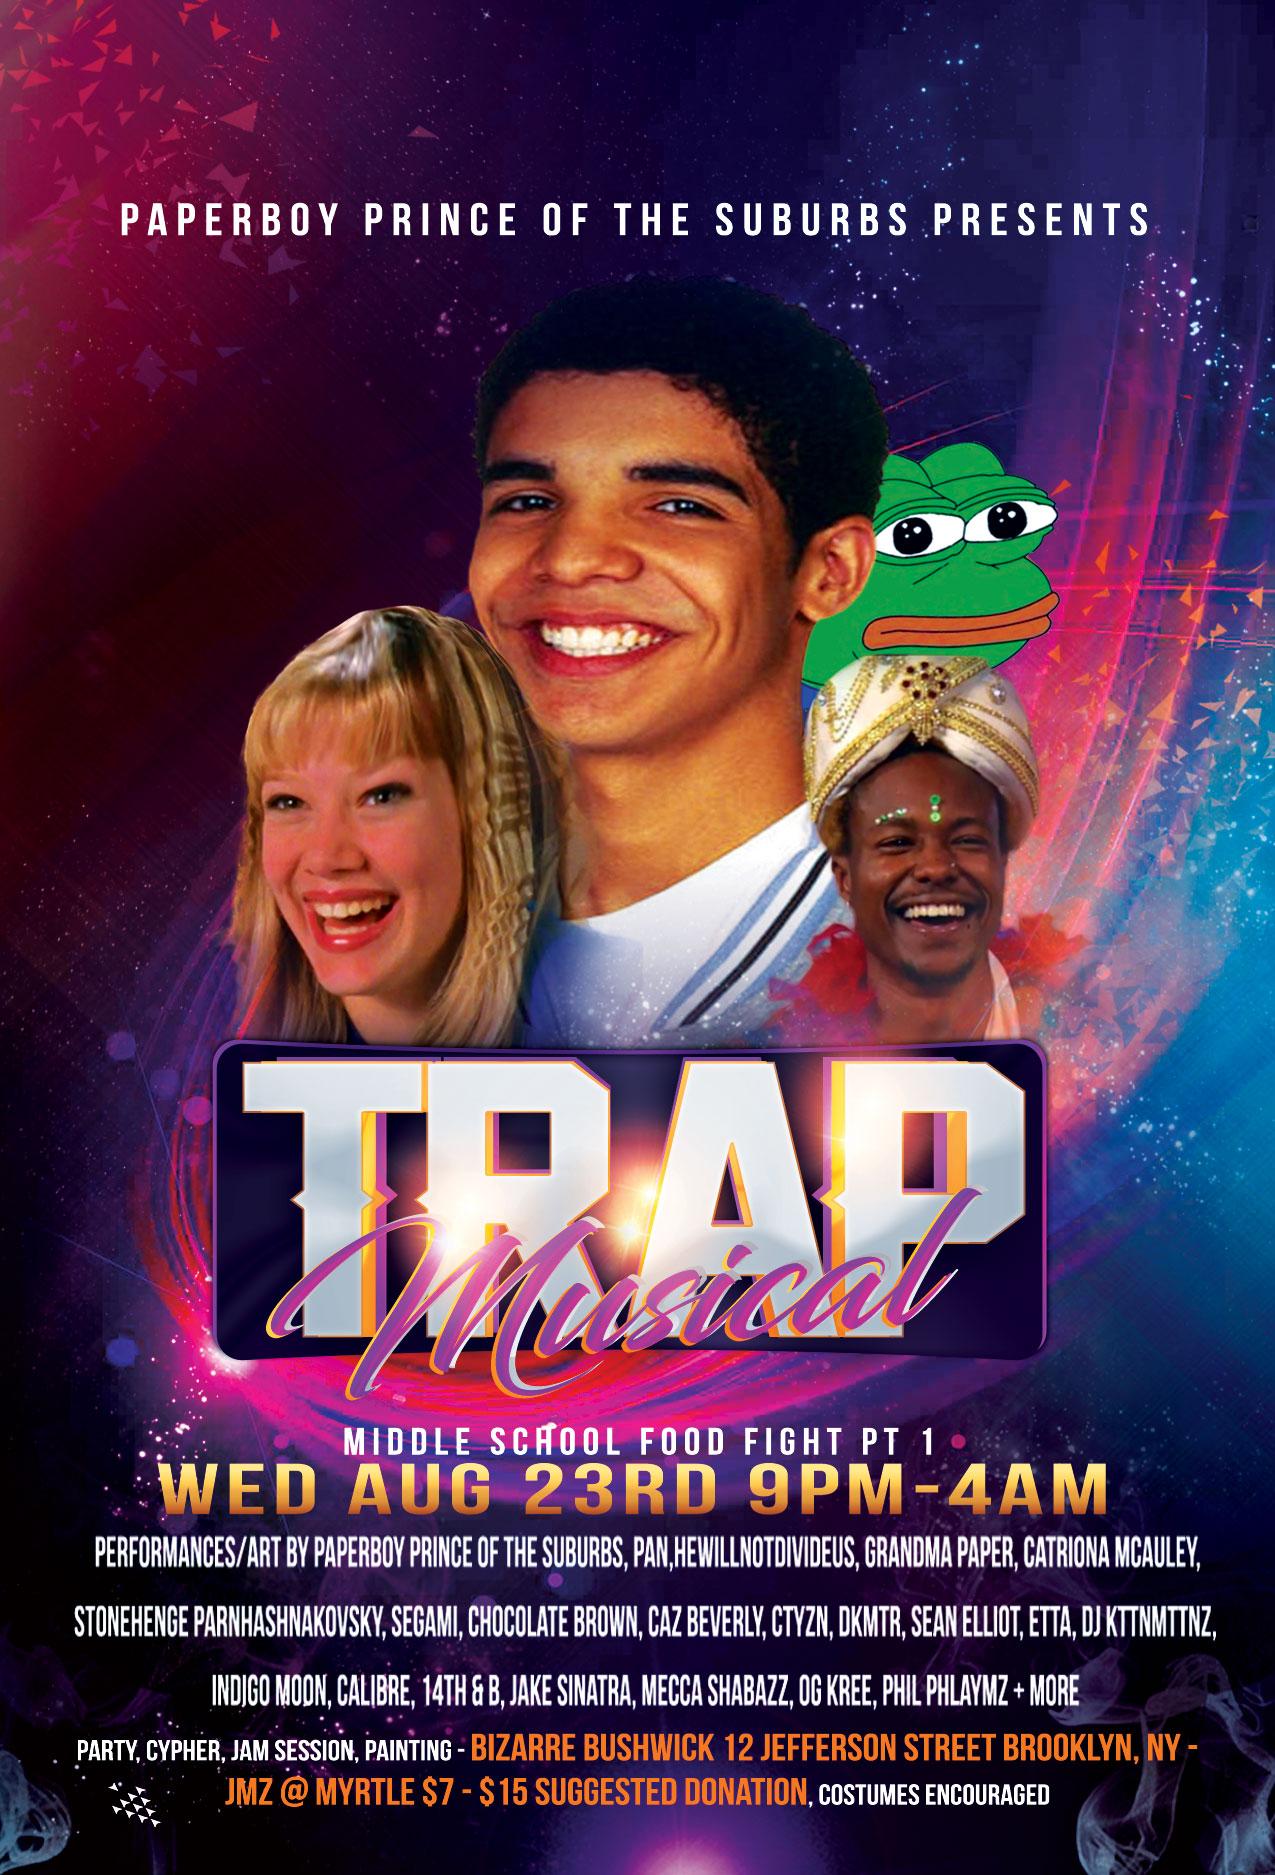 trap musical at bizarre bushwick 9pm - 4am